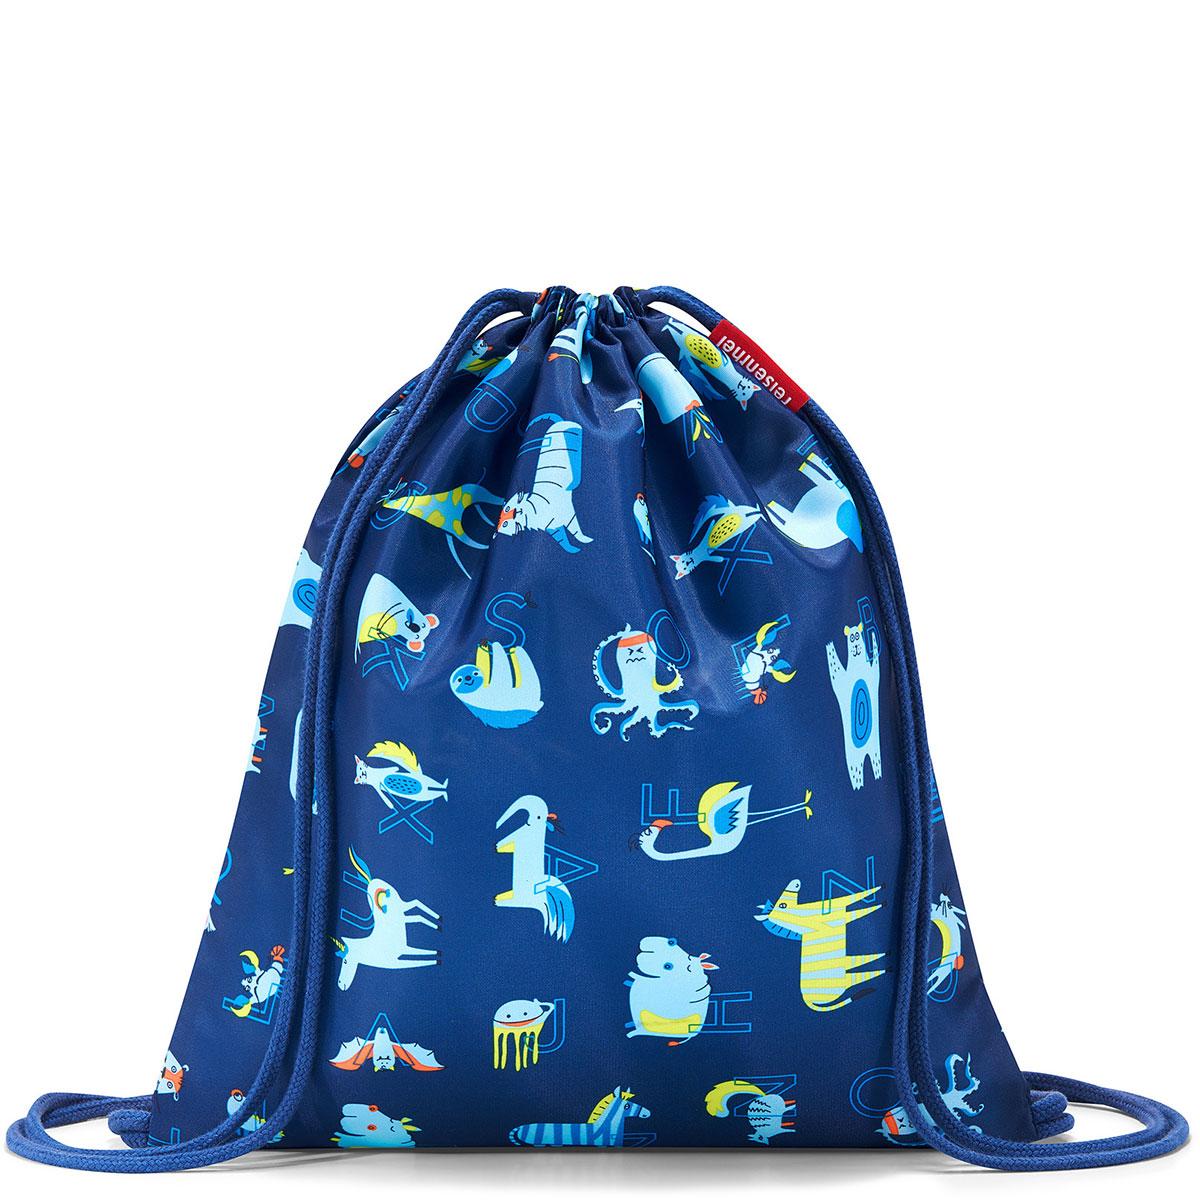 465bdcf60dffb Kolorowe torby, plecaki, peleryny dla dzieci Reisenthel | sklep internetowy  GaleriaLimonka.pl